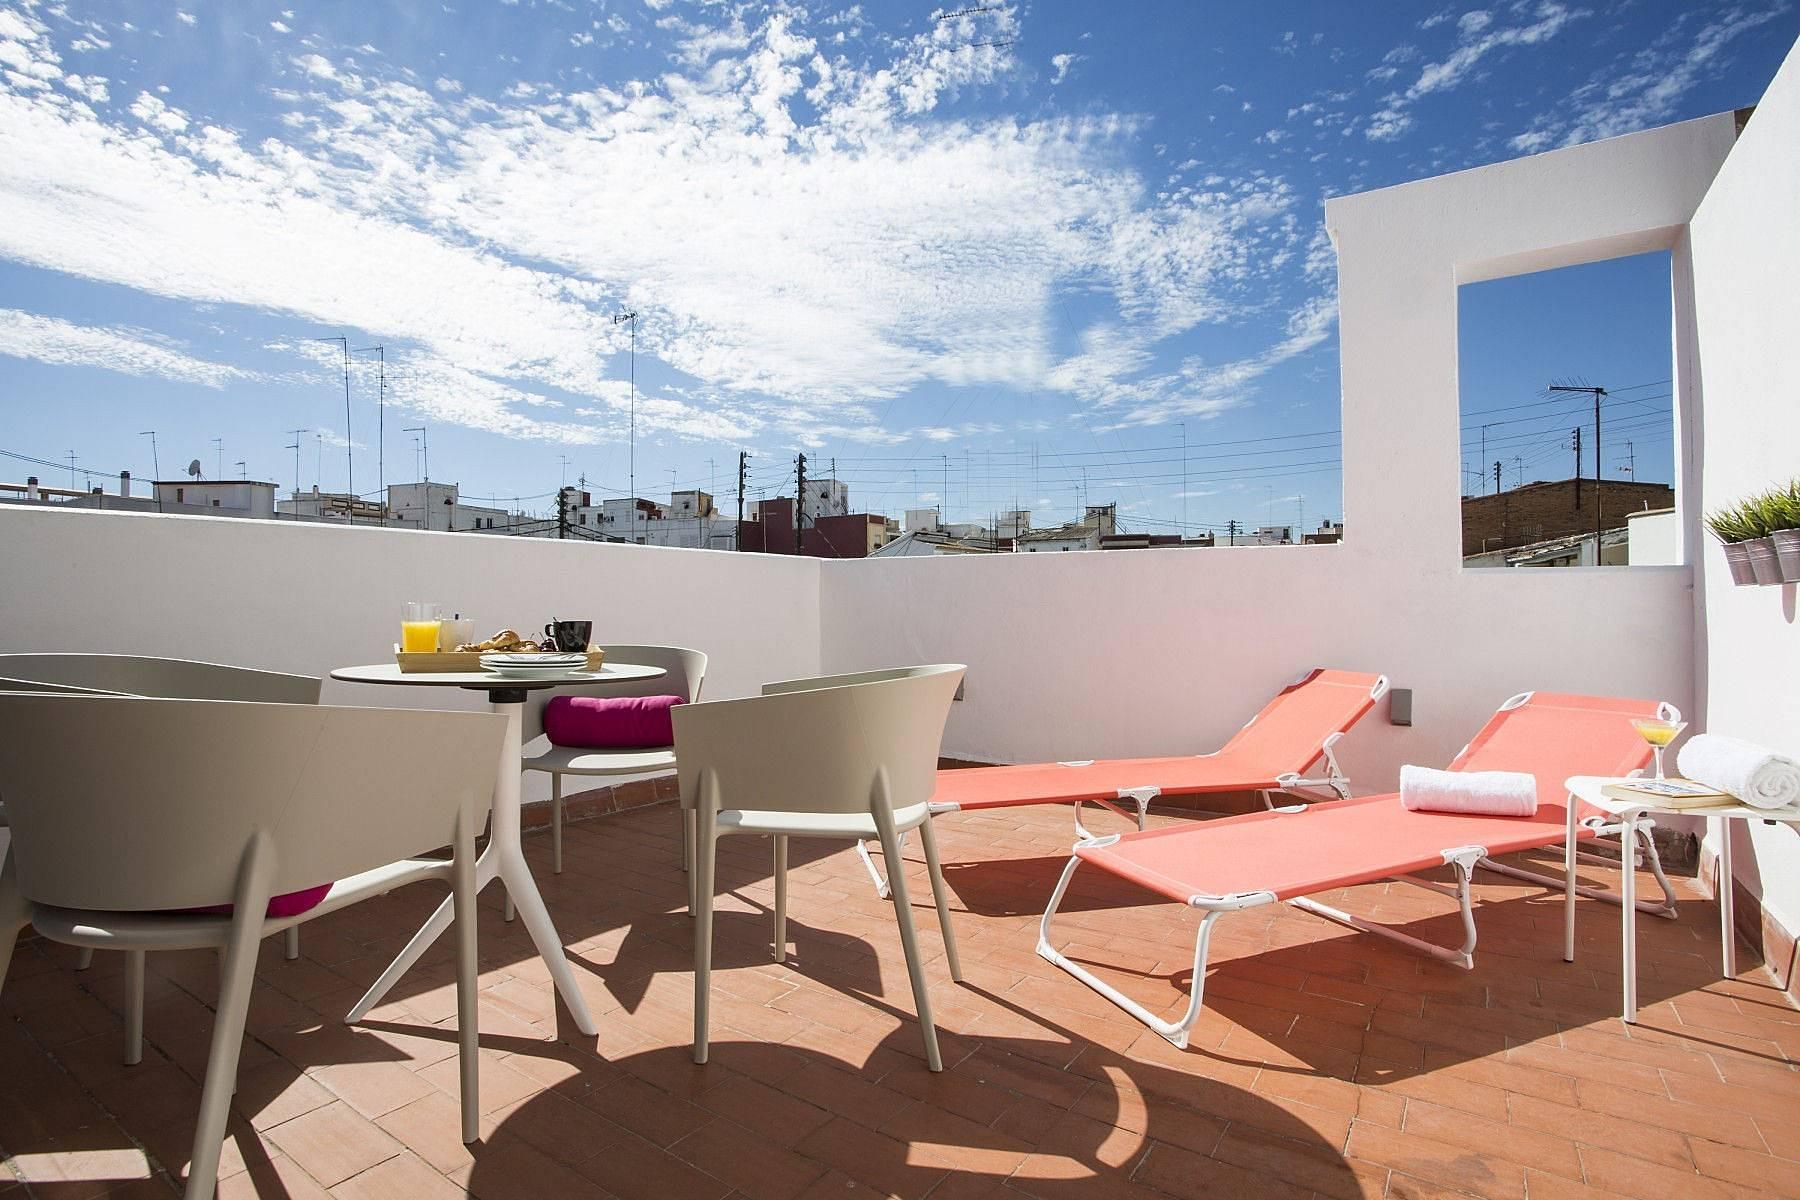 Apartamento en alquiler en valencia centro barrio de la luz xirivella valencia - Apartamentos alquiler valencia ...